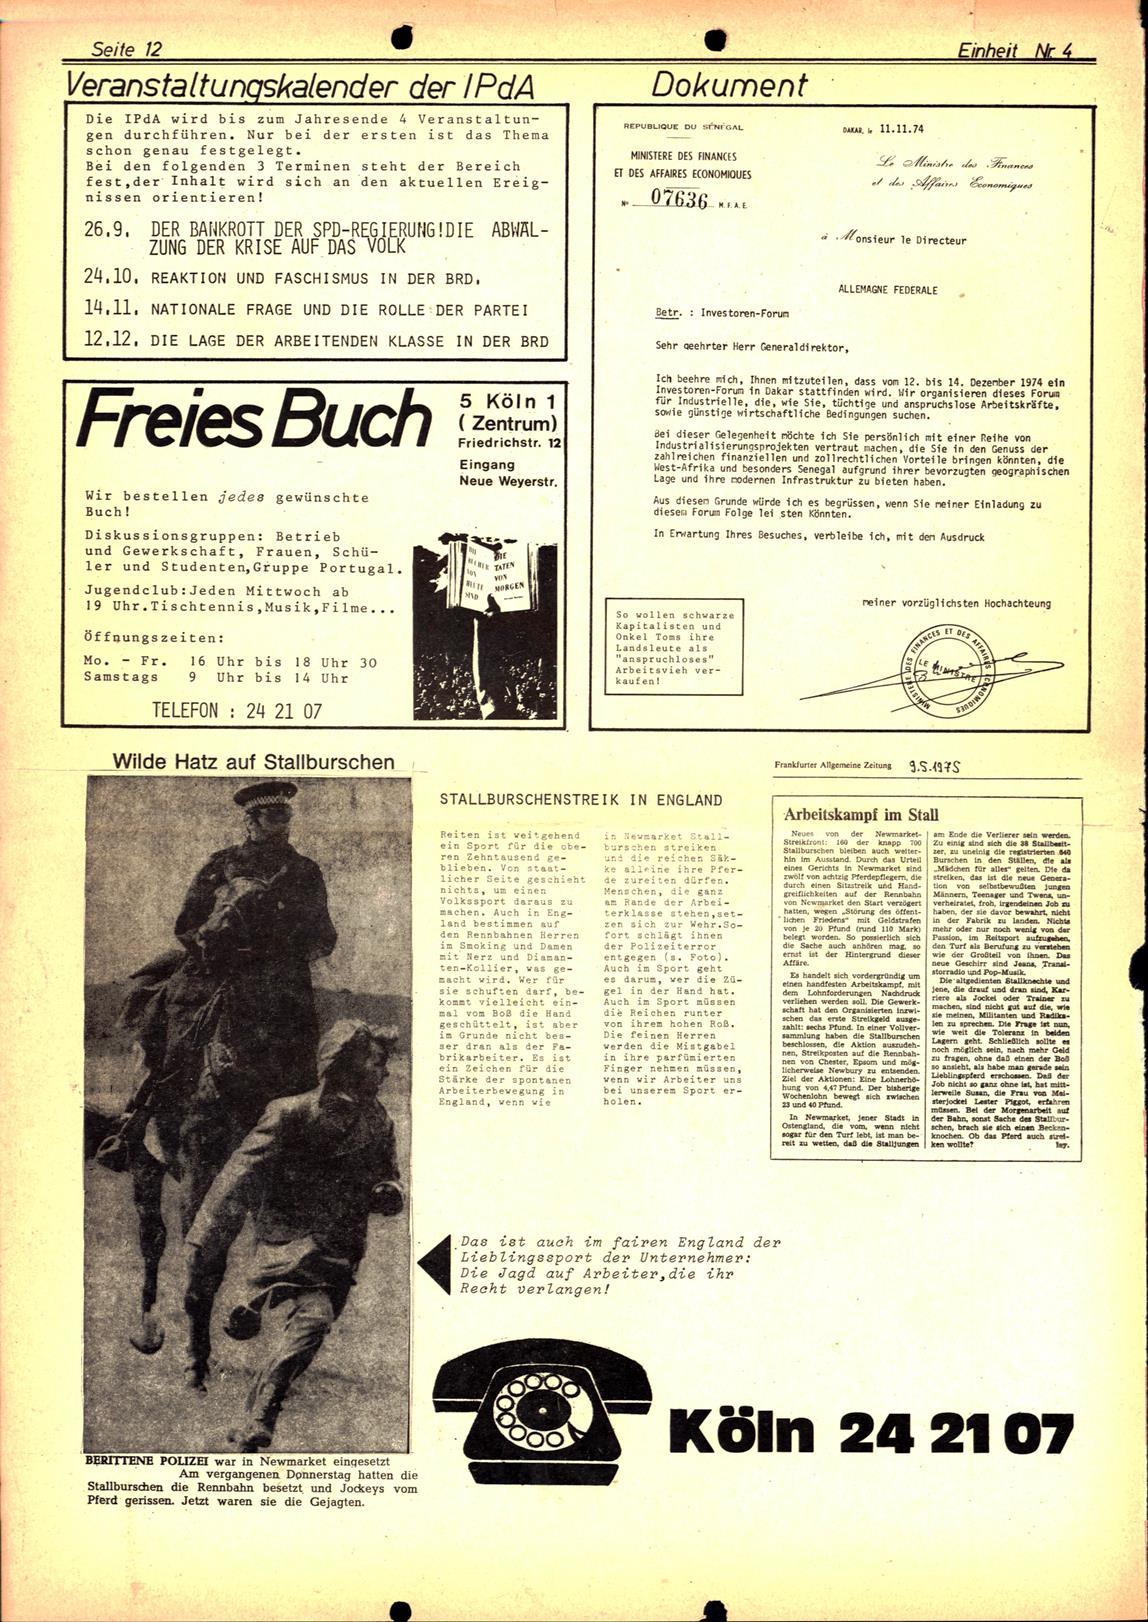 Koeln_IPdA_Einheit_1975_004_012